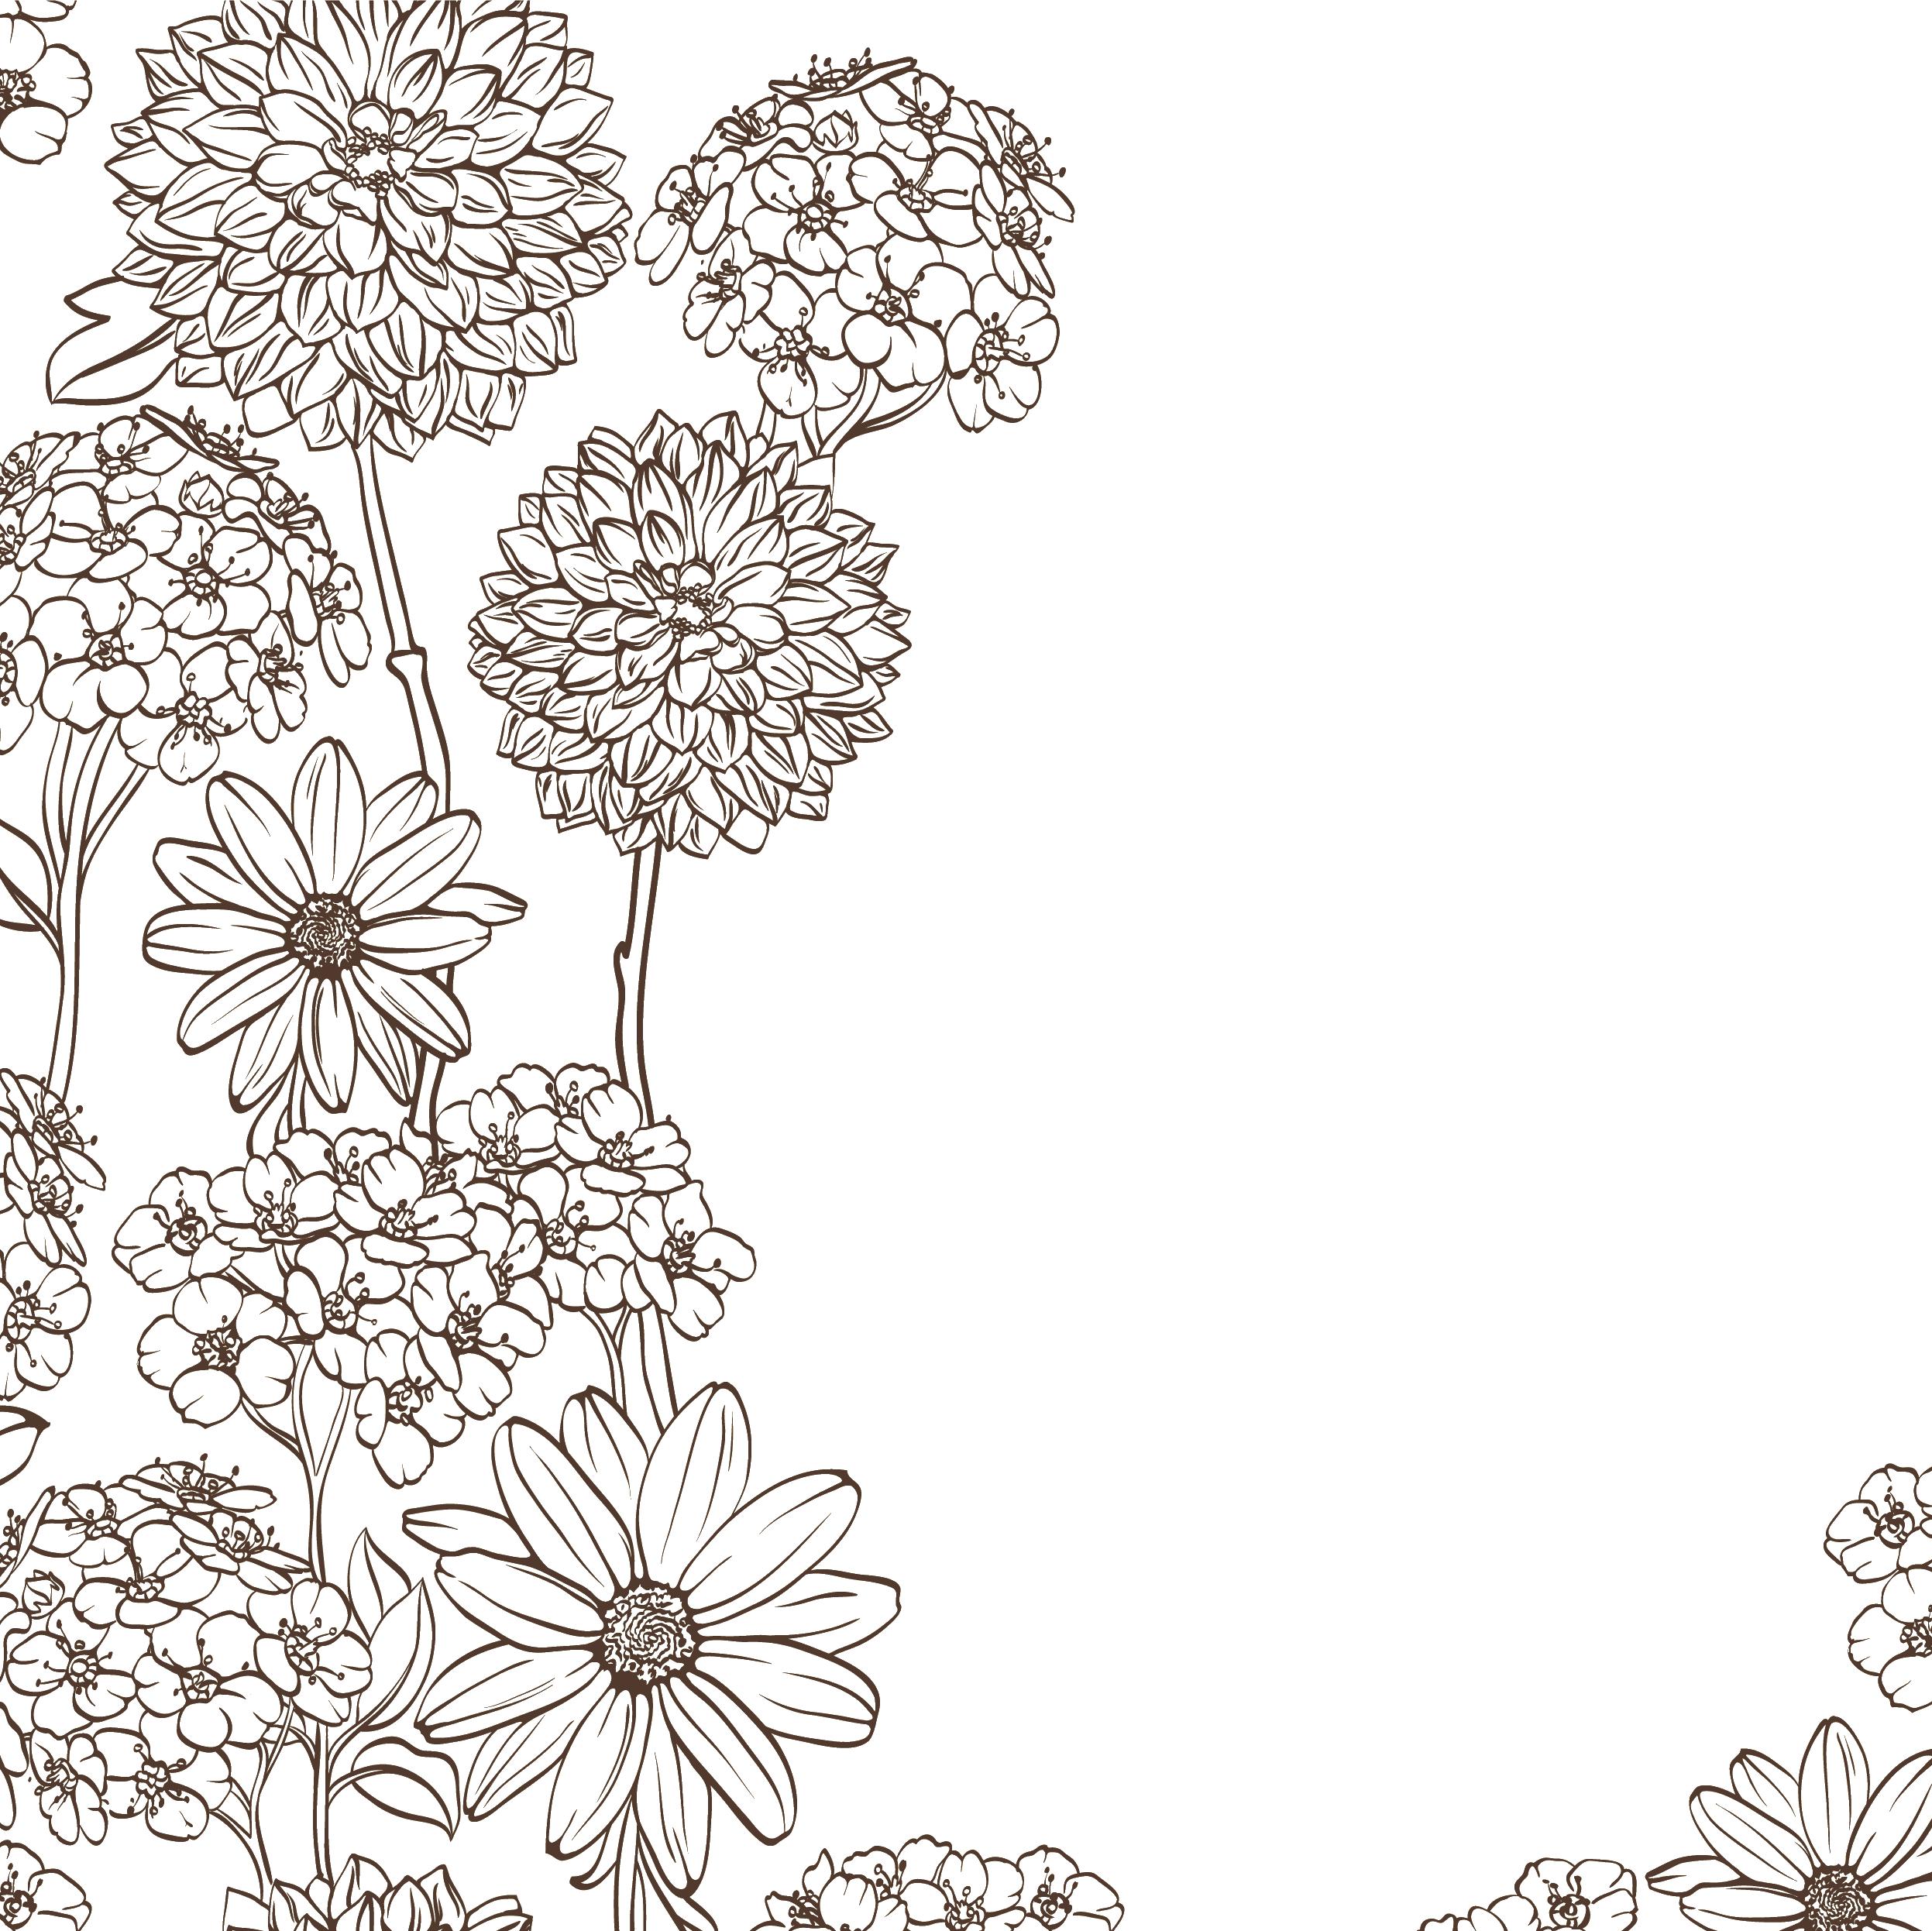 花のイラストフリー素材壁紙背景no664手書き風透過色